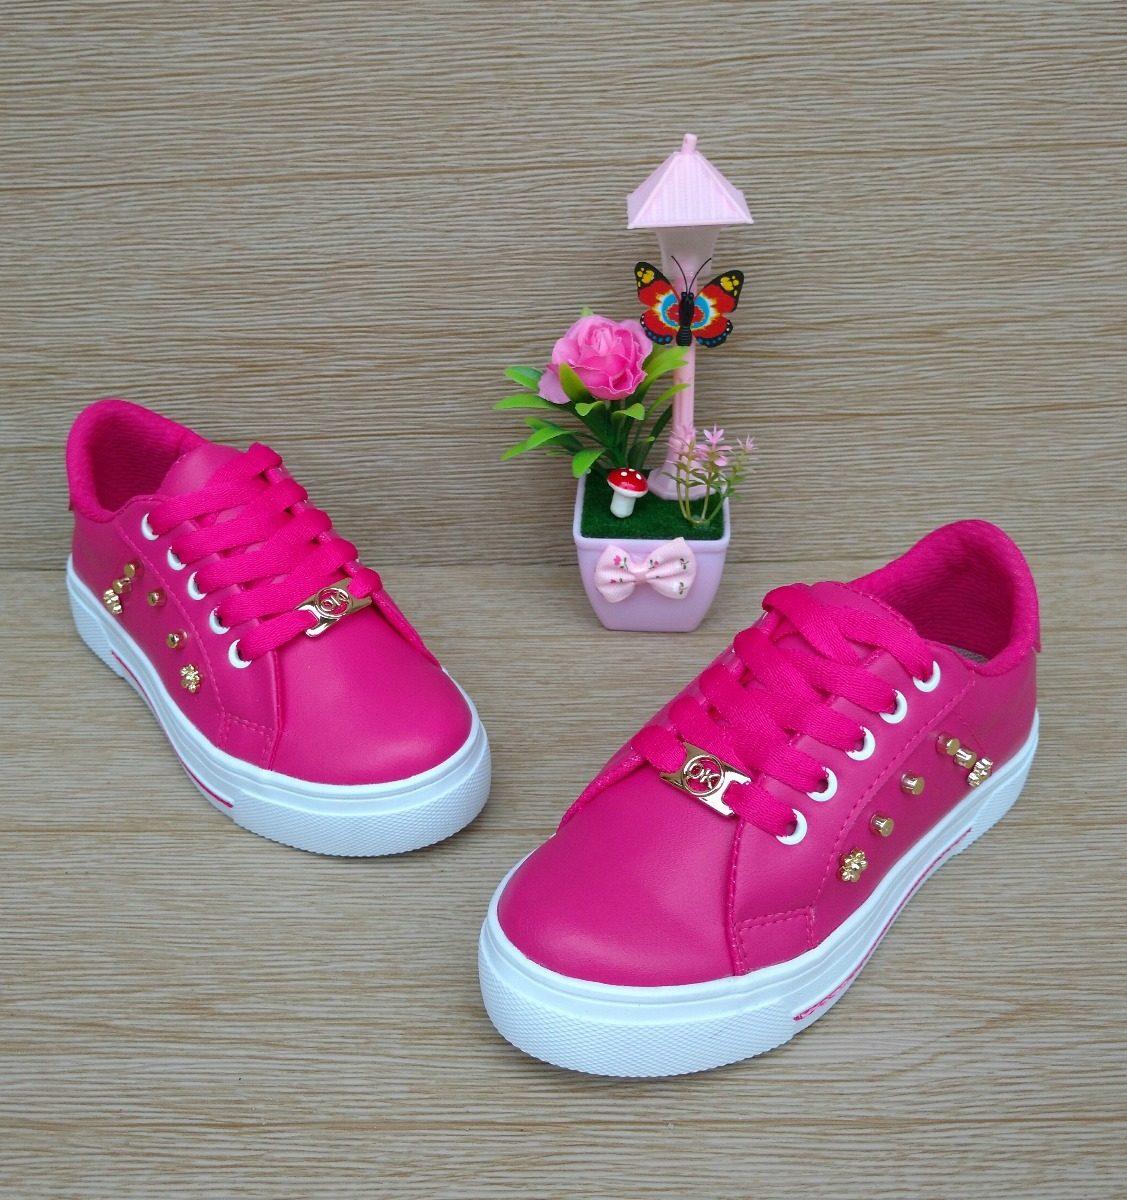 Zapatos Deportivo Ninas Colombiano Zapatos Rojo en Mercado